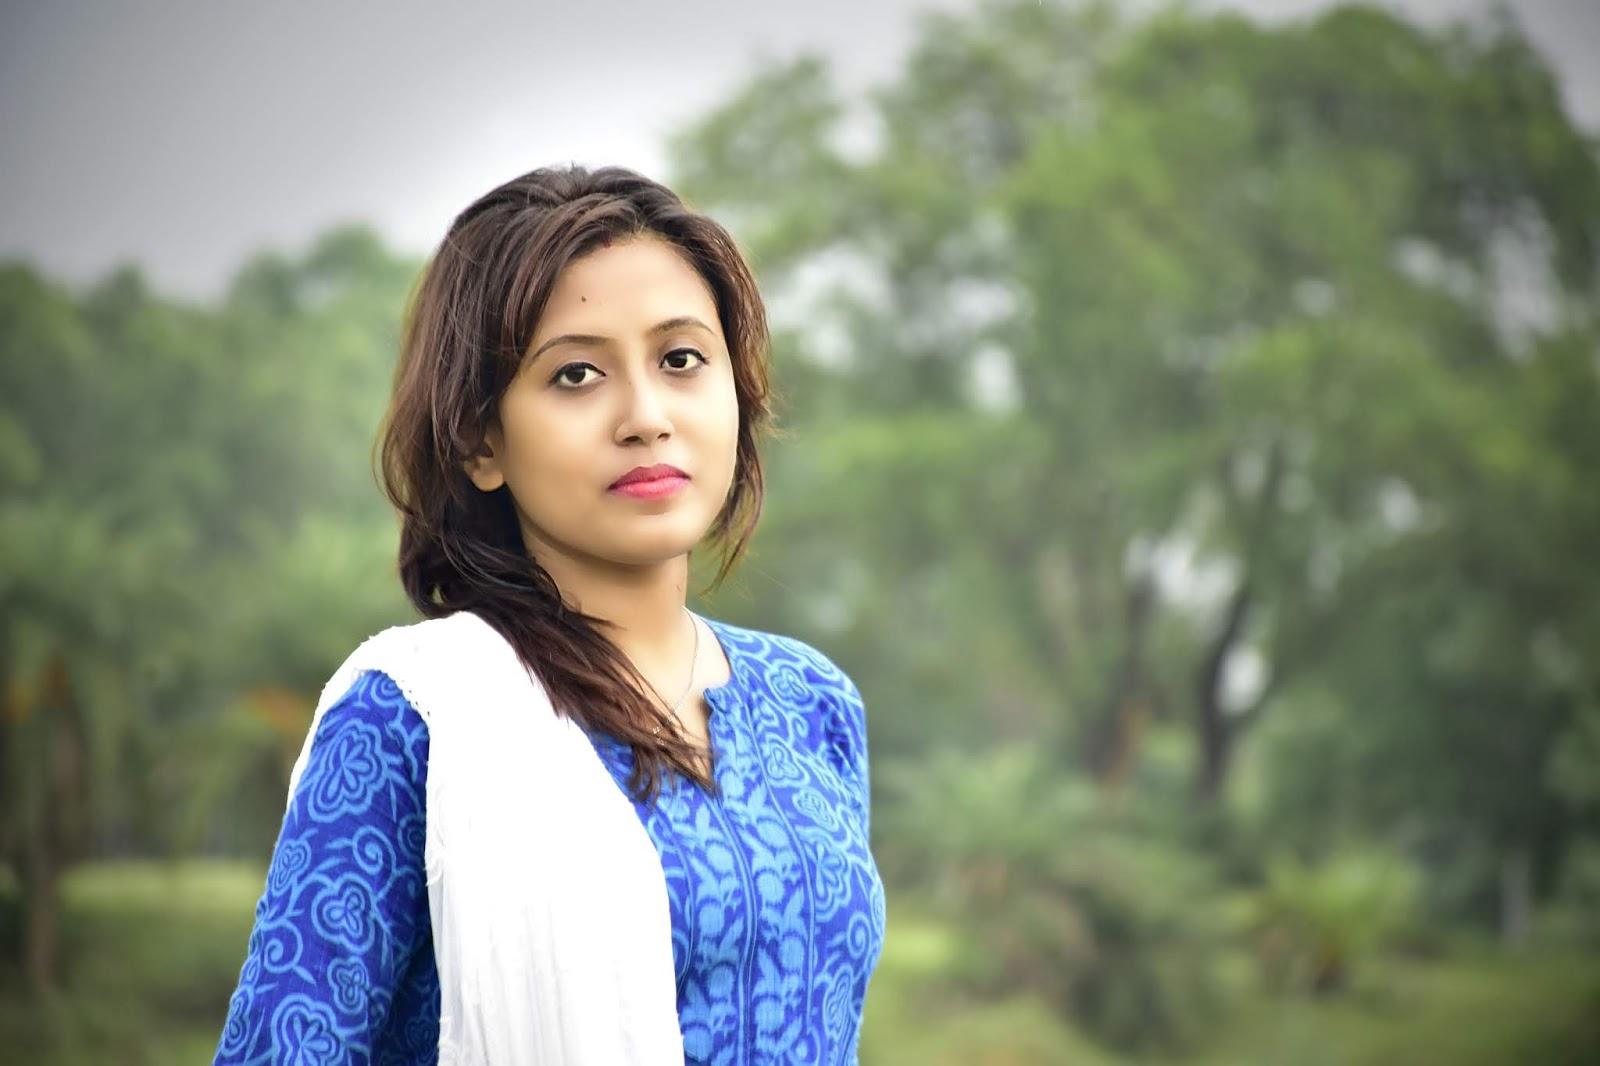 ಗುಪ್ತ ಪ್ರೇಯಸಿ : ಕನ್ನಡ  ಗುಪ್ತ ಪ್ರೇಮಕಥೆ Kannada Sad Love Story